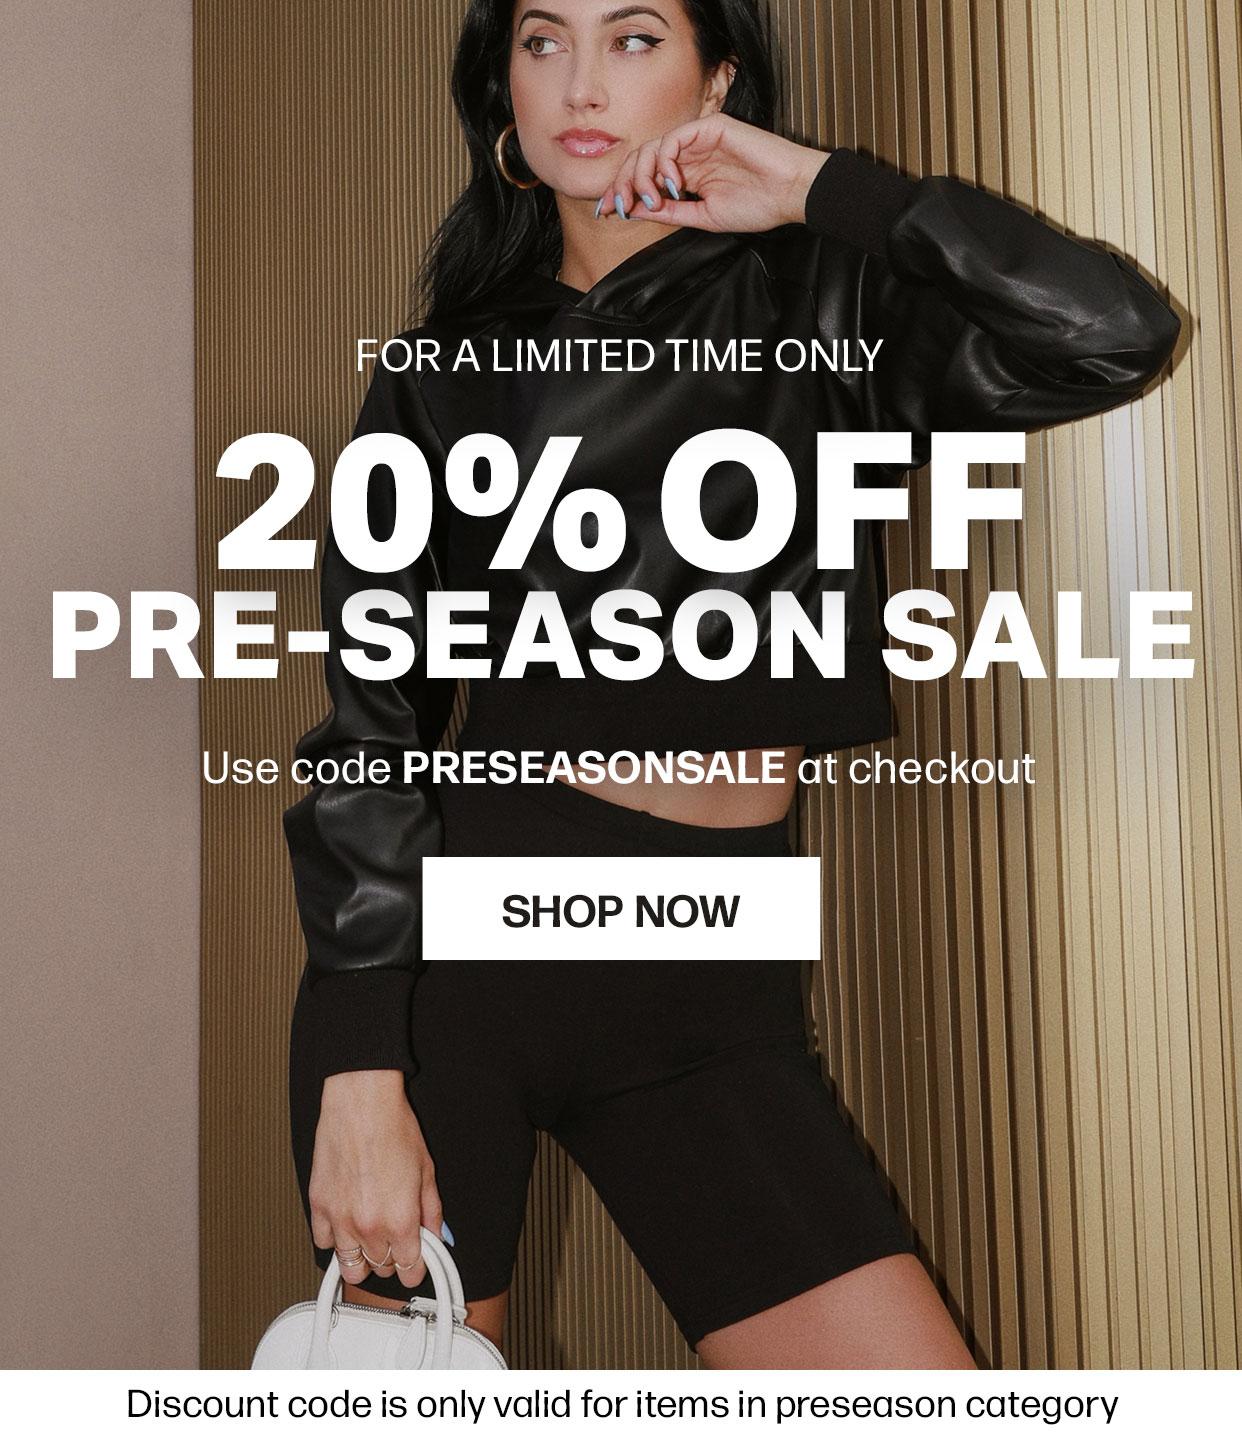 20% Off! Pre-Season Sale